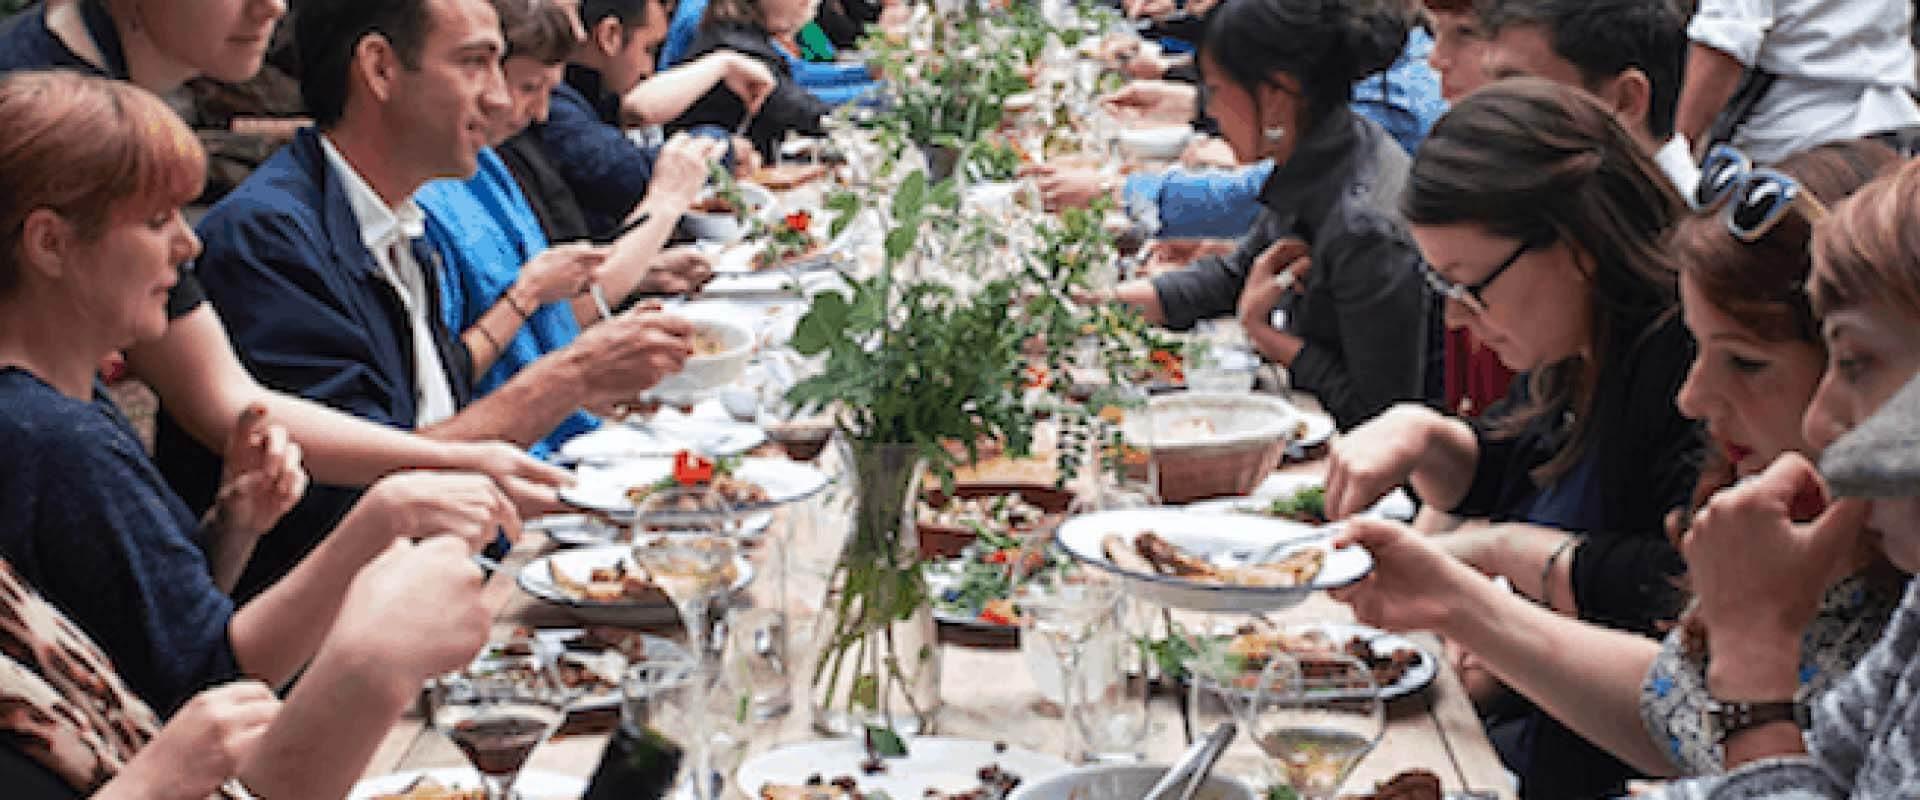 Forgotten Feast Banquet